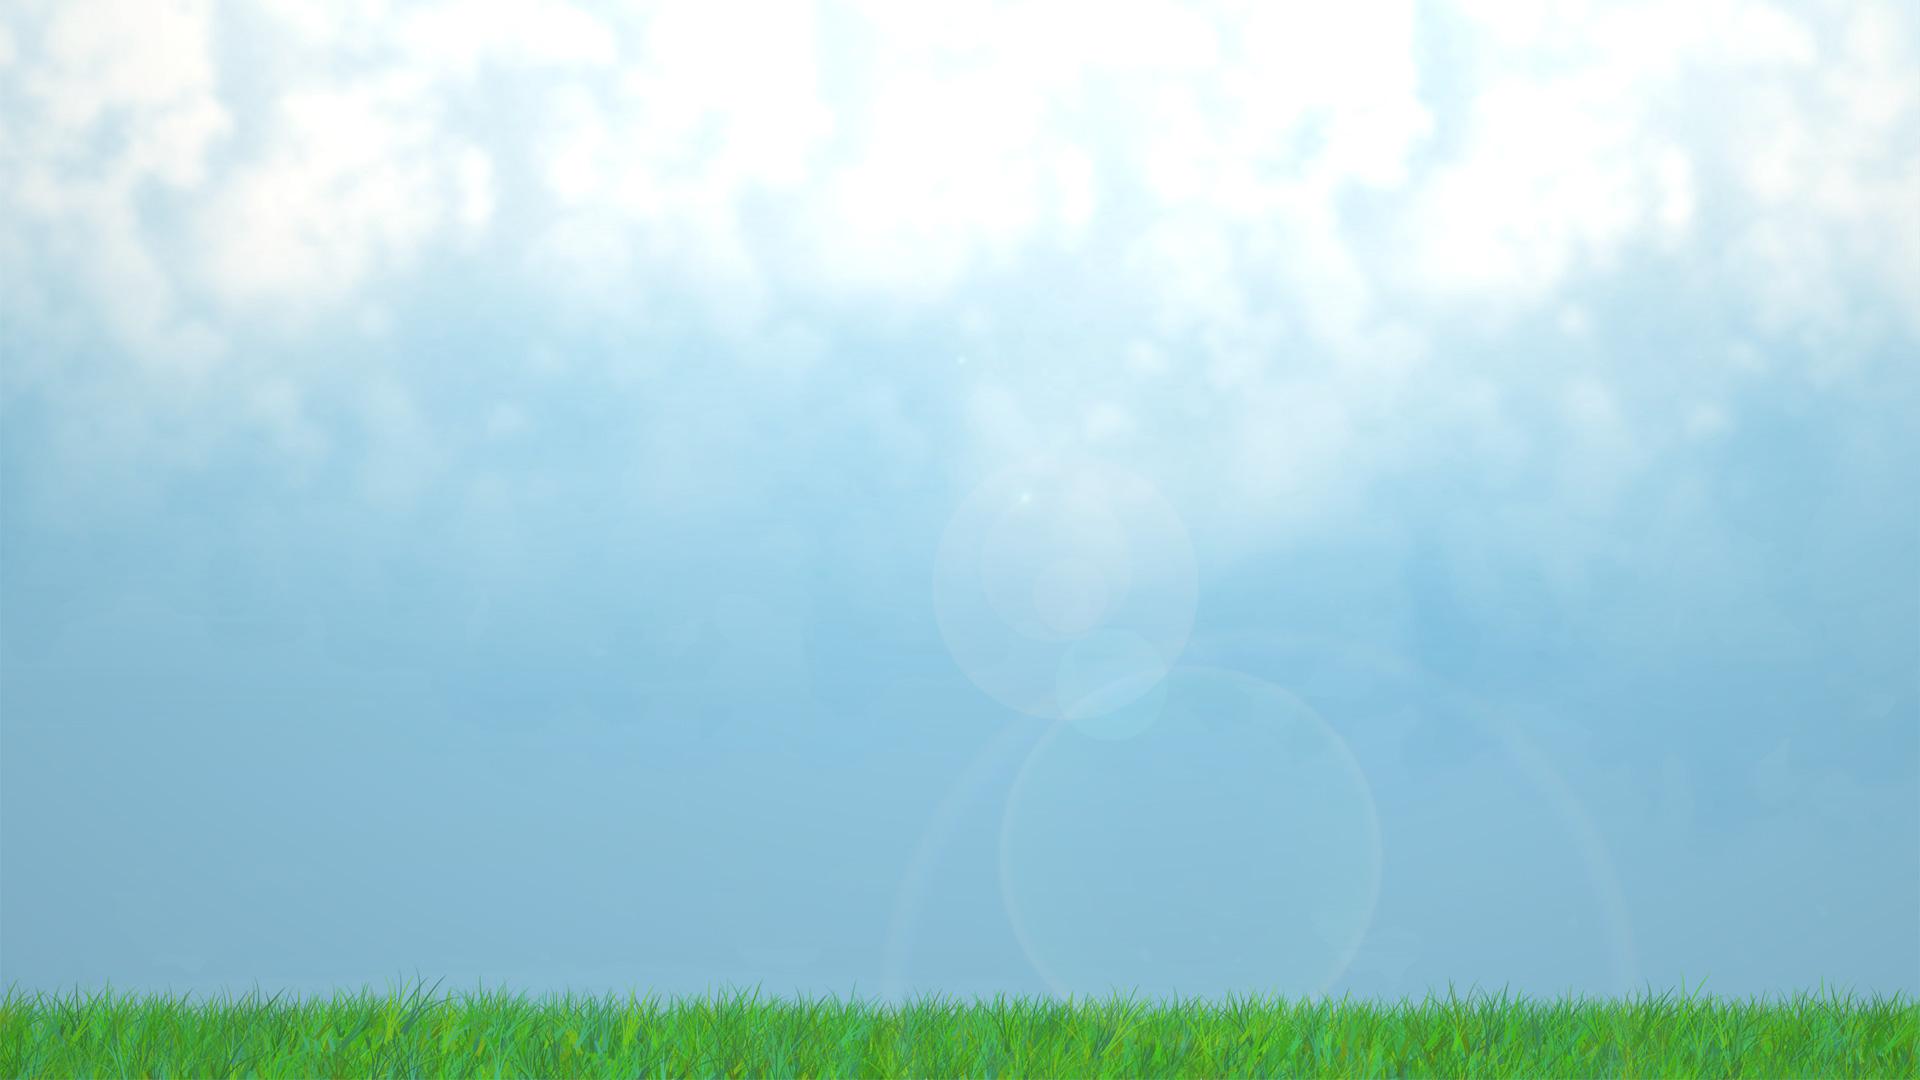 landscape unibianet sky blue clouds wallpaper grass unibias 1920x1080